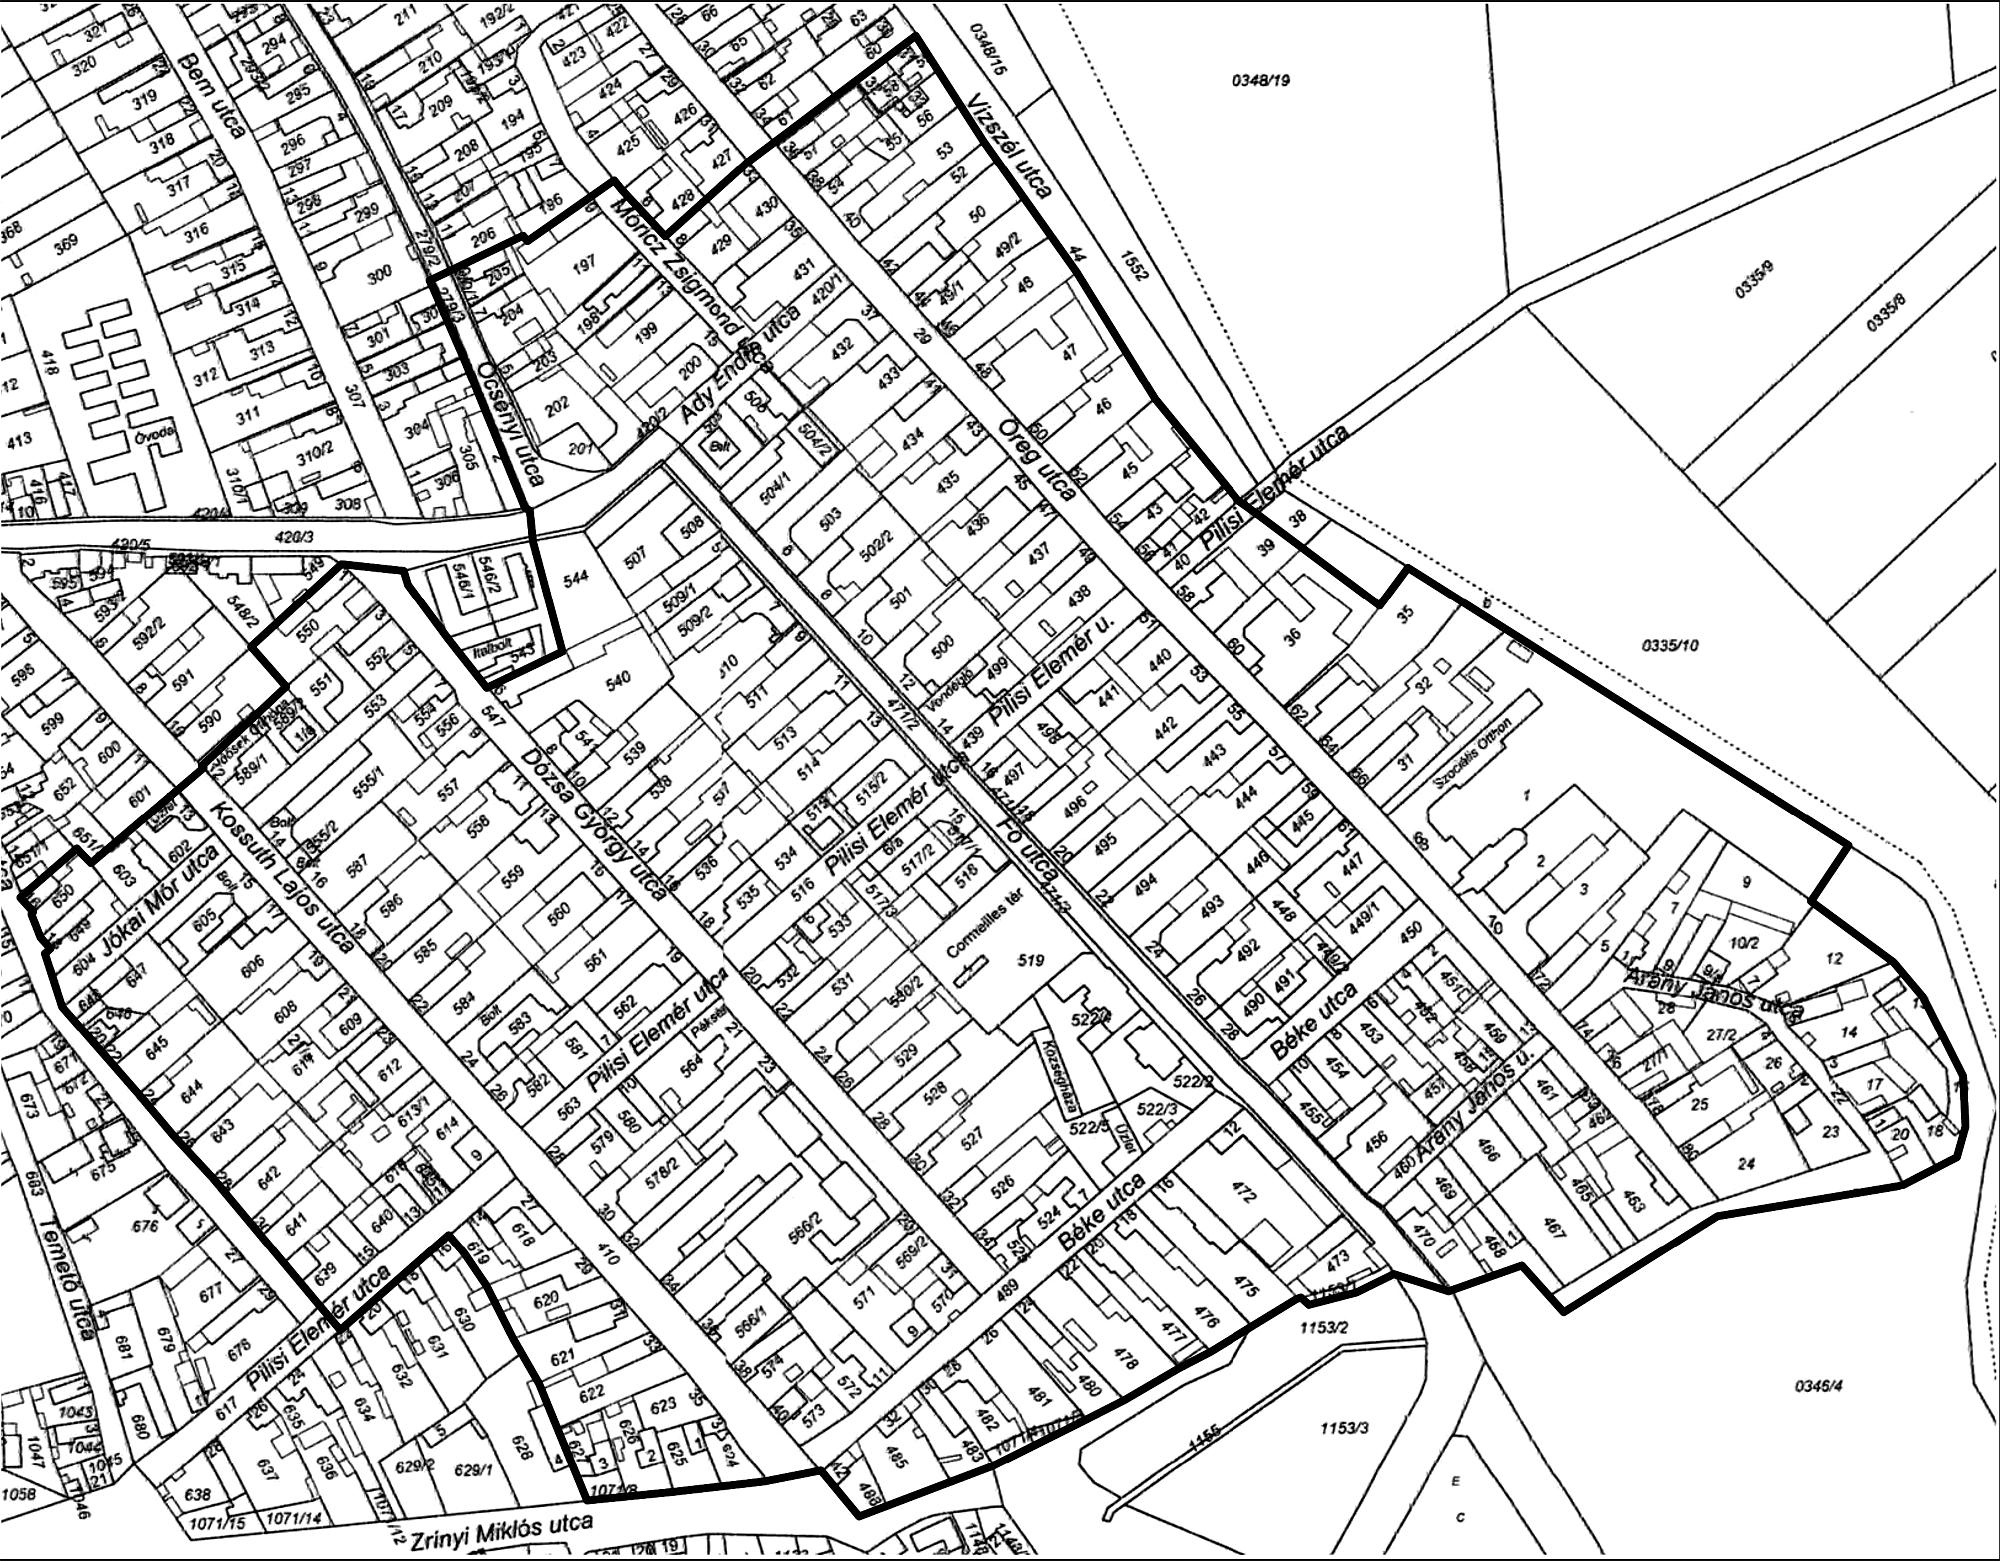 helyrajzi szám térkép Budapest Helyrajzi Szám Térkép | groomania